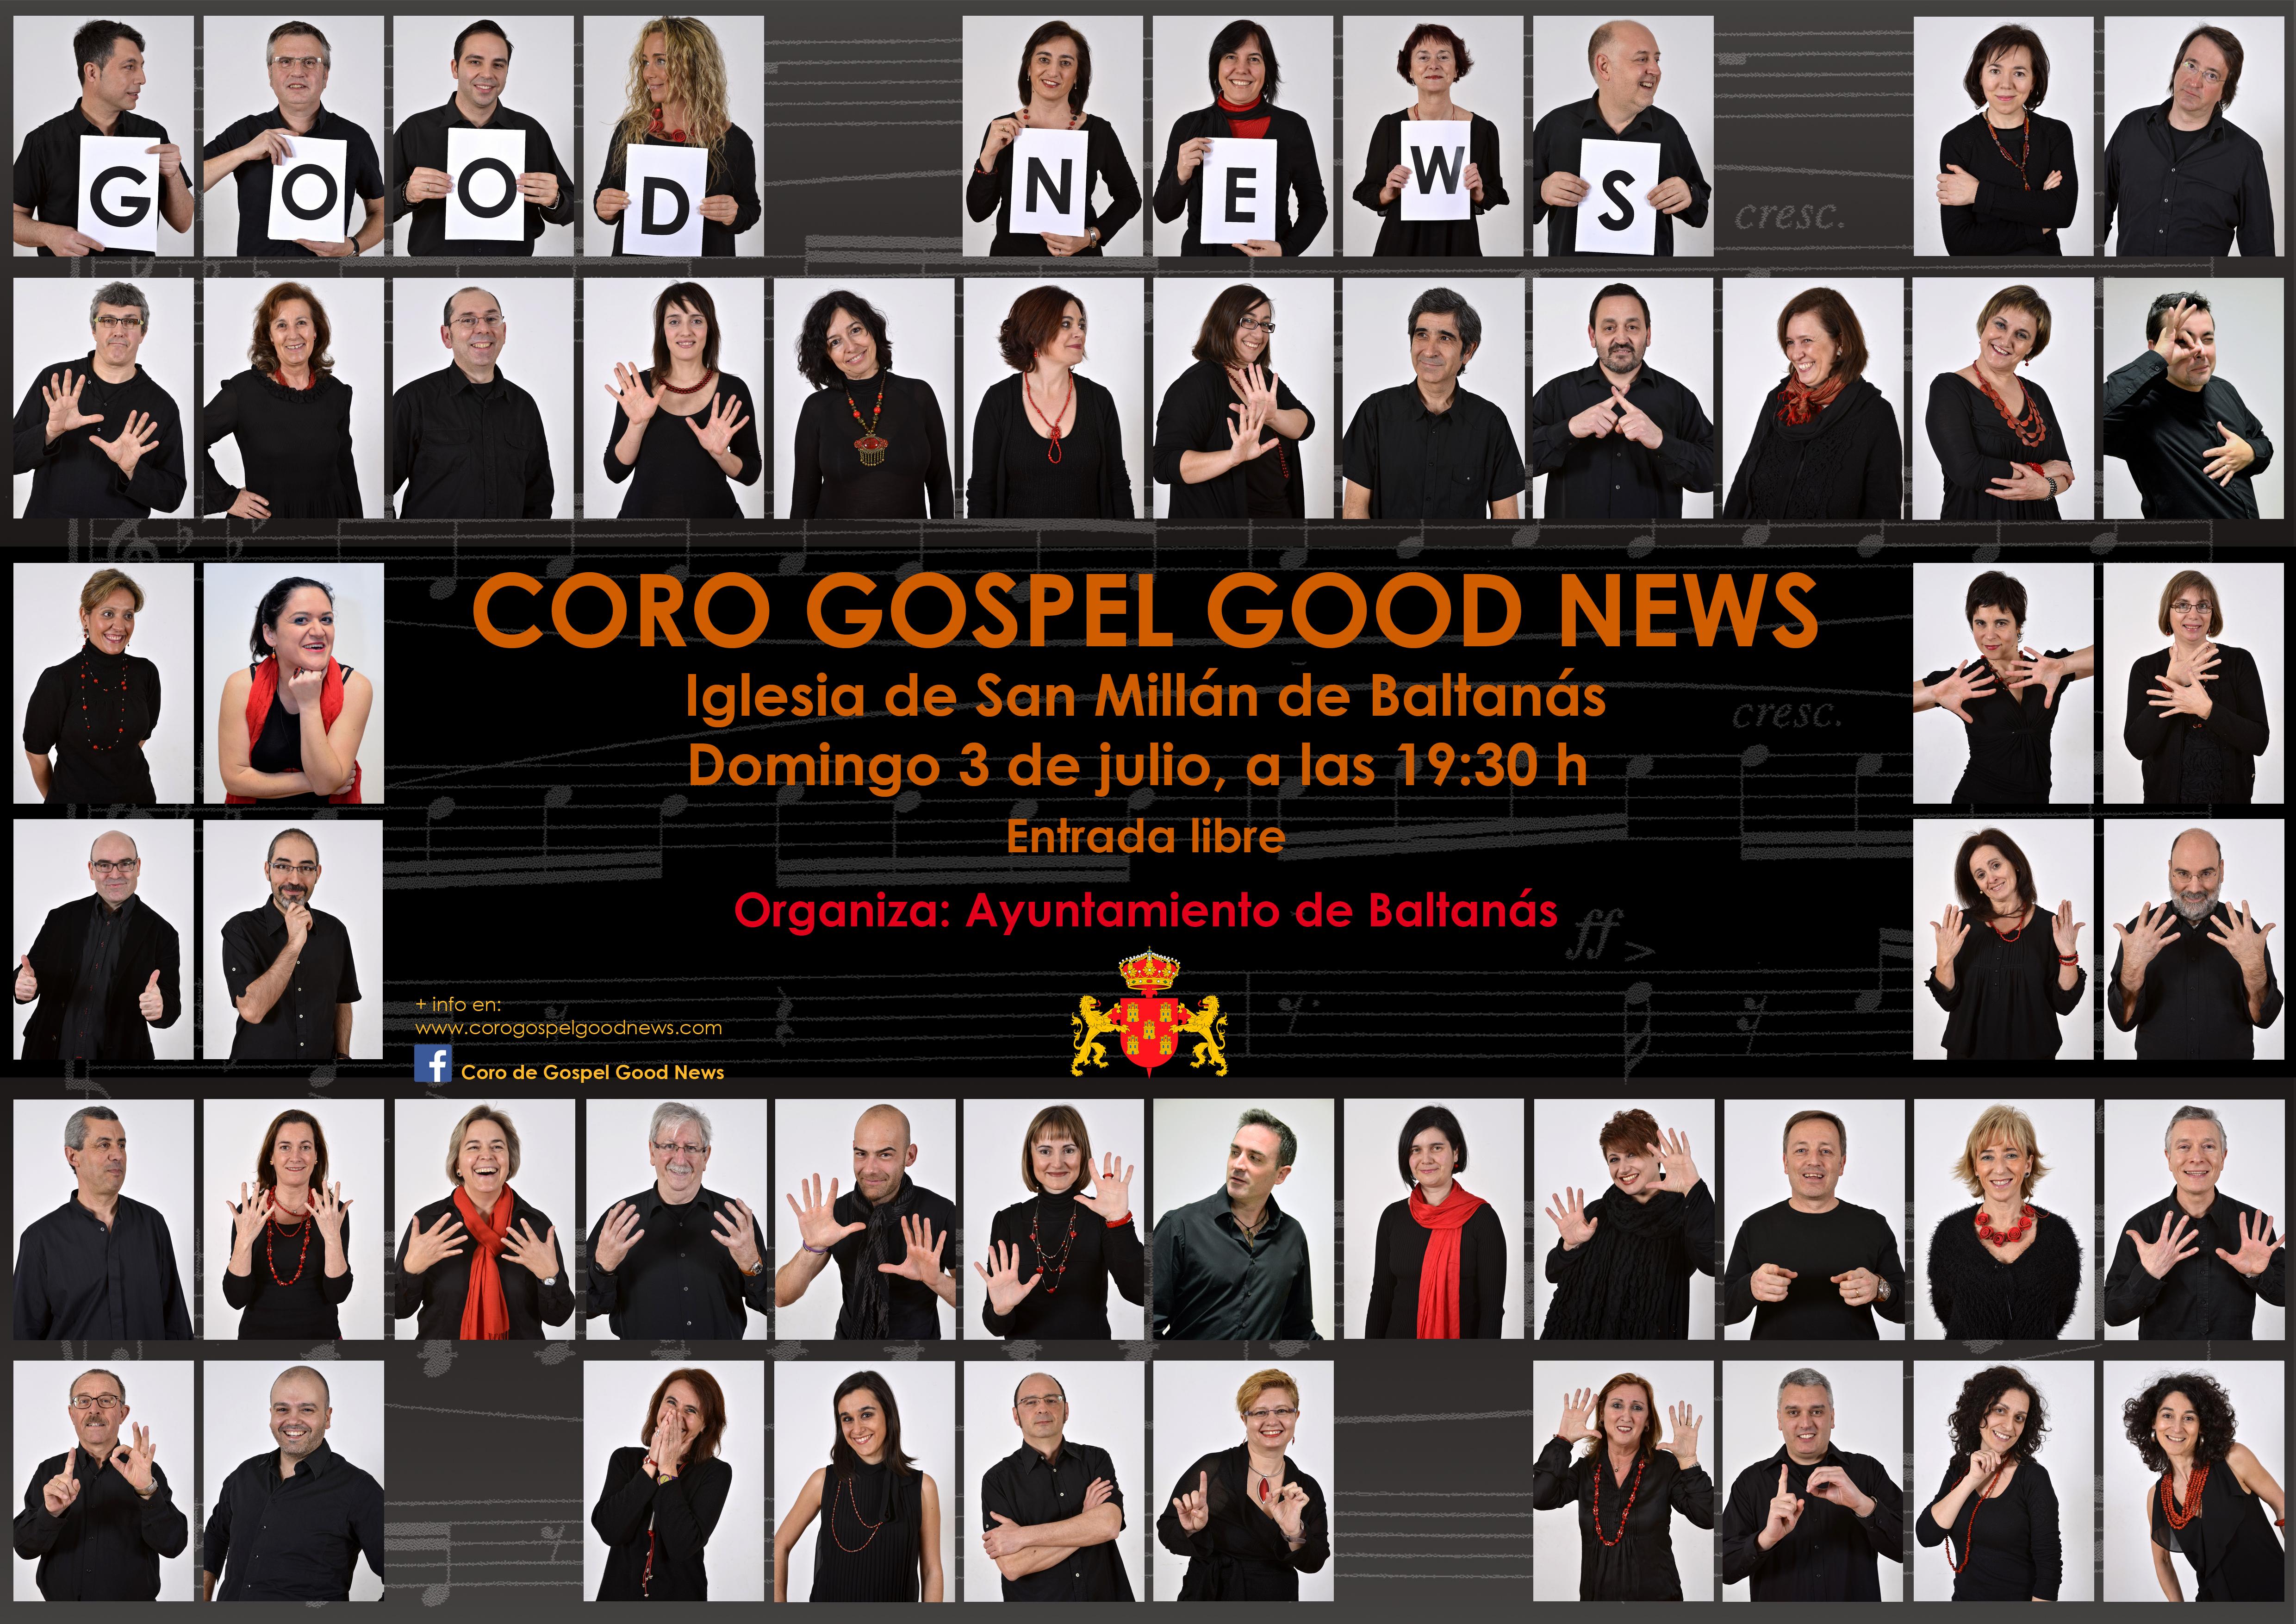 Coro Gospel Good News próximo 10 de Julio en Baltanás